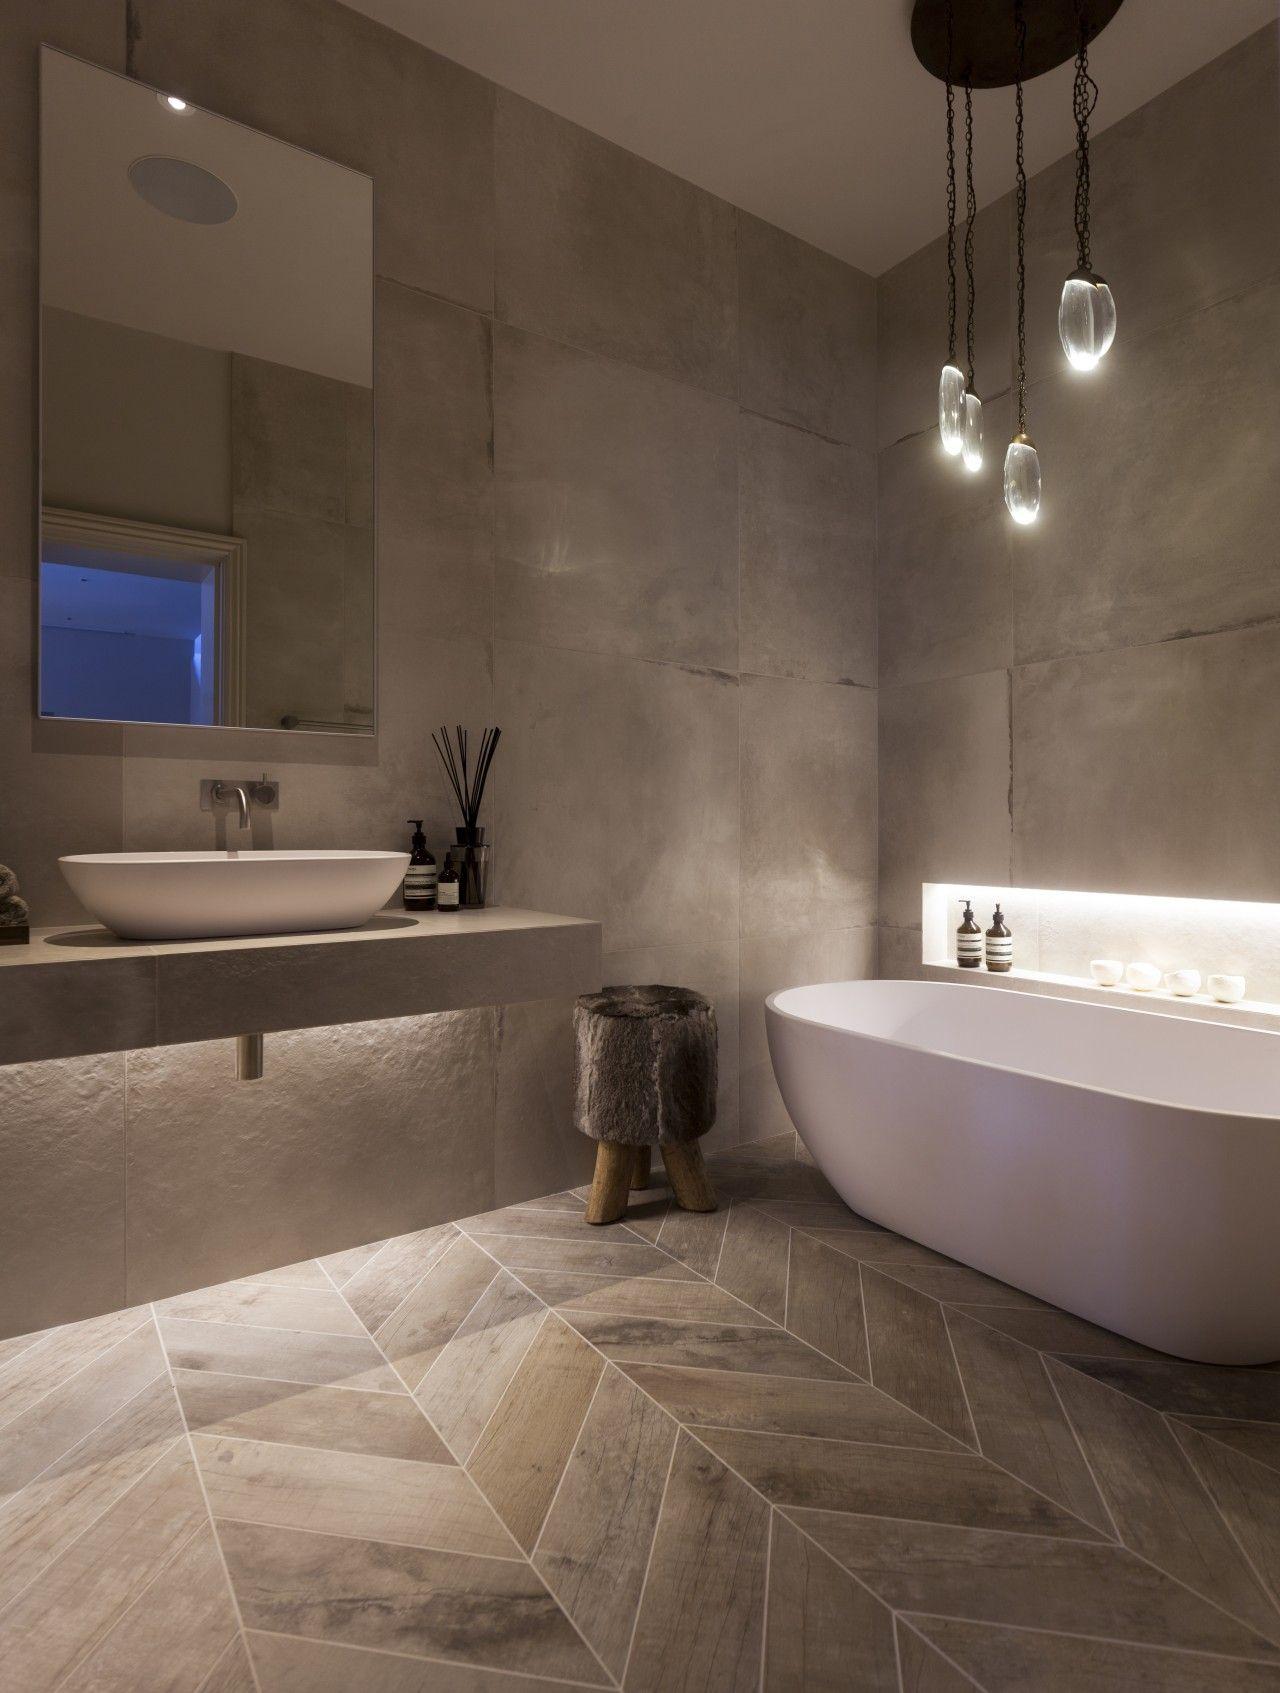 Badkamer: Modern, Landelijk wonen, woonboerderij, villa, Buitenstate ...